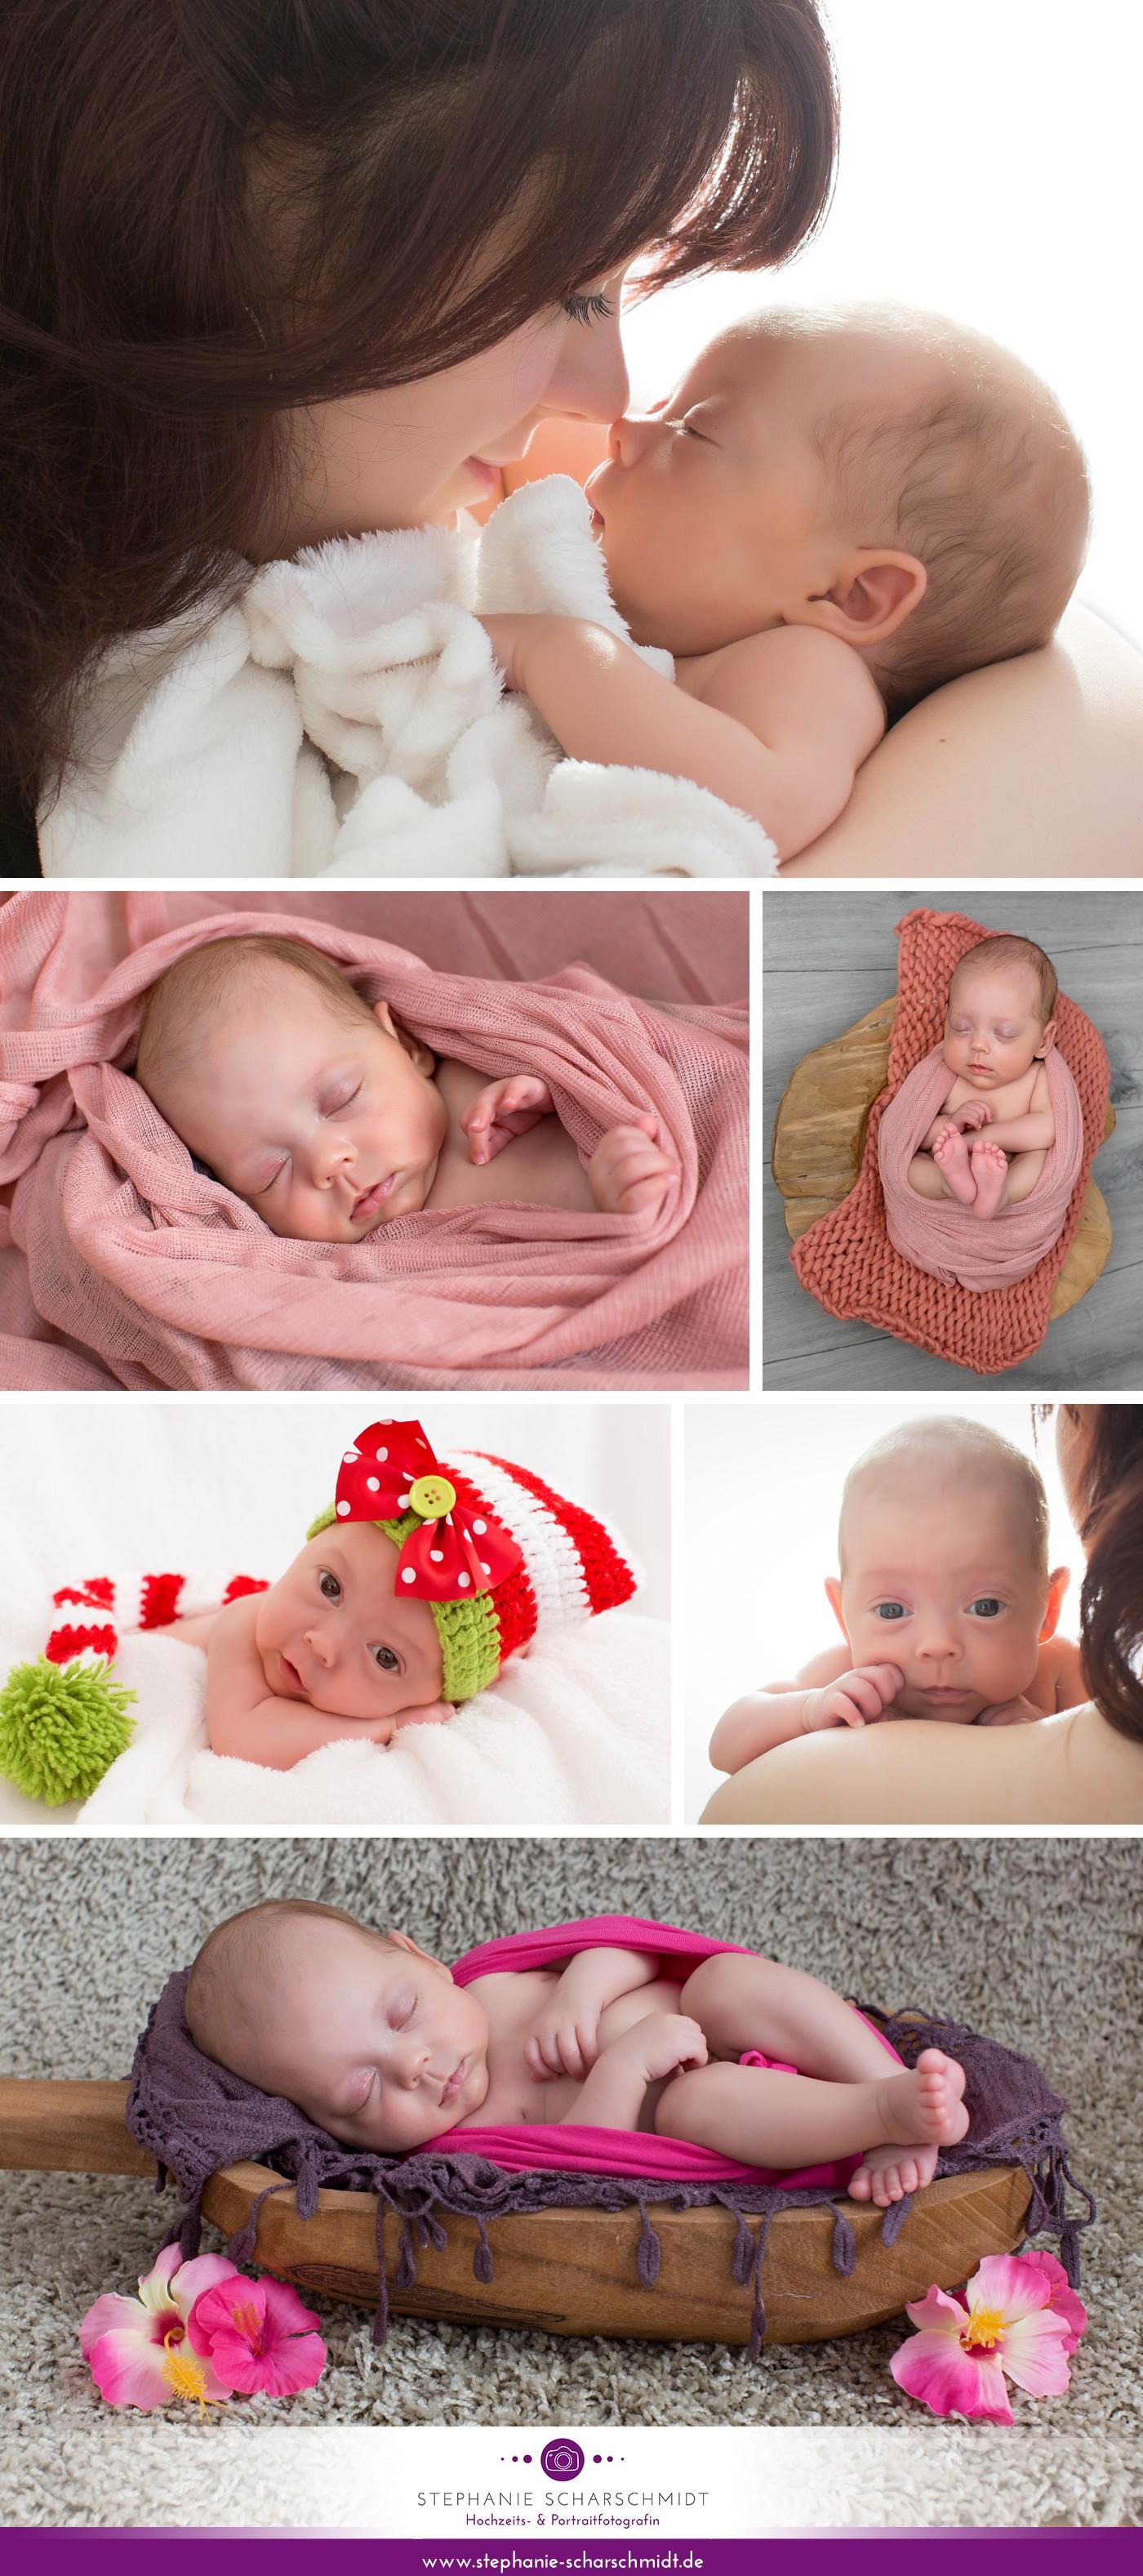 Stephanie Scharschmidt Neugeborenenfotograf Plauen im Vogtland